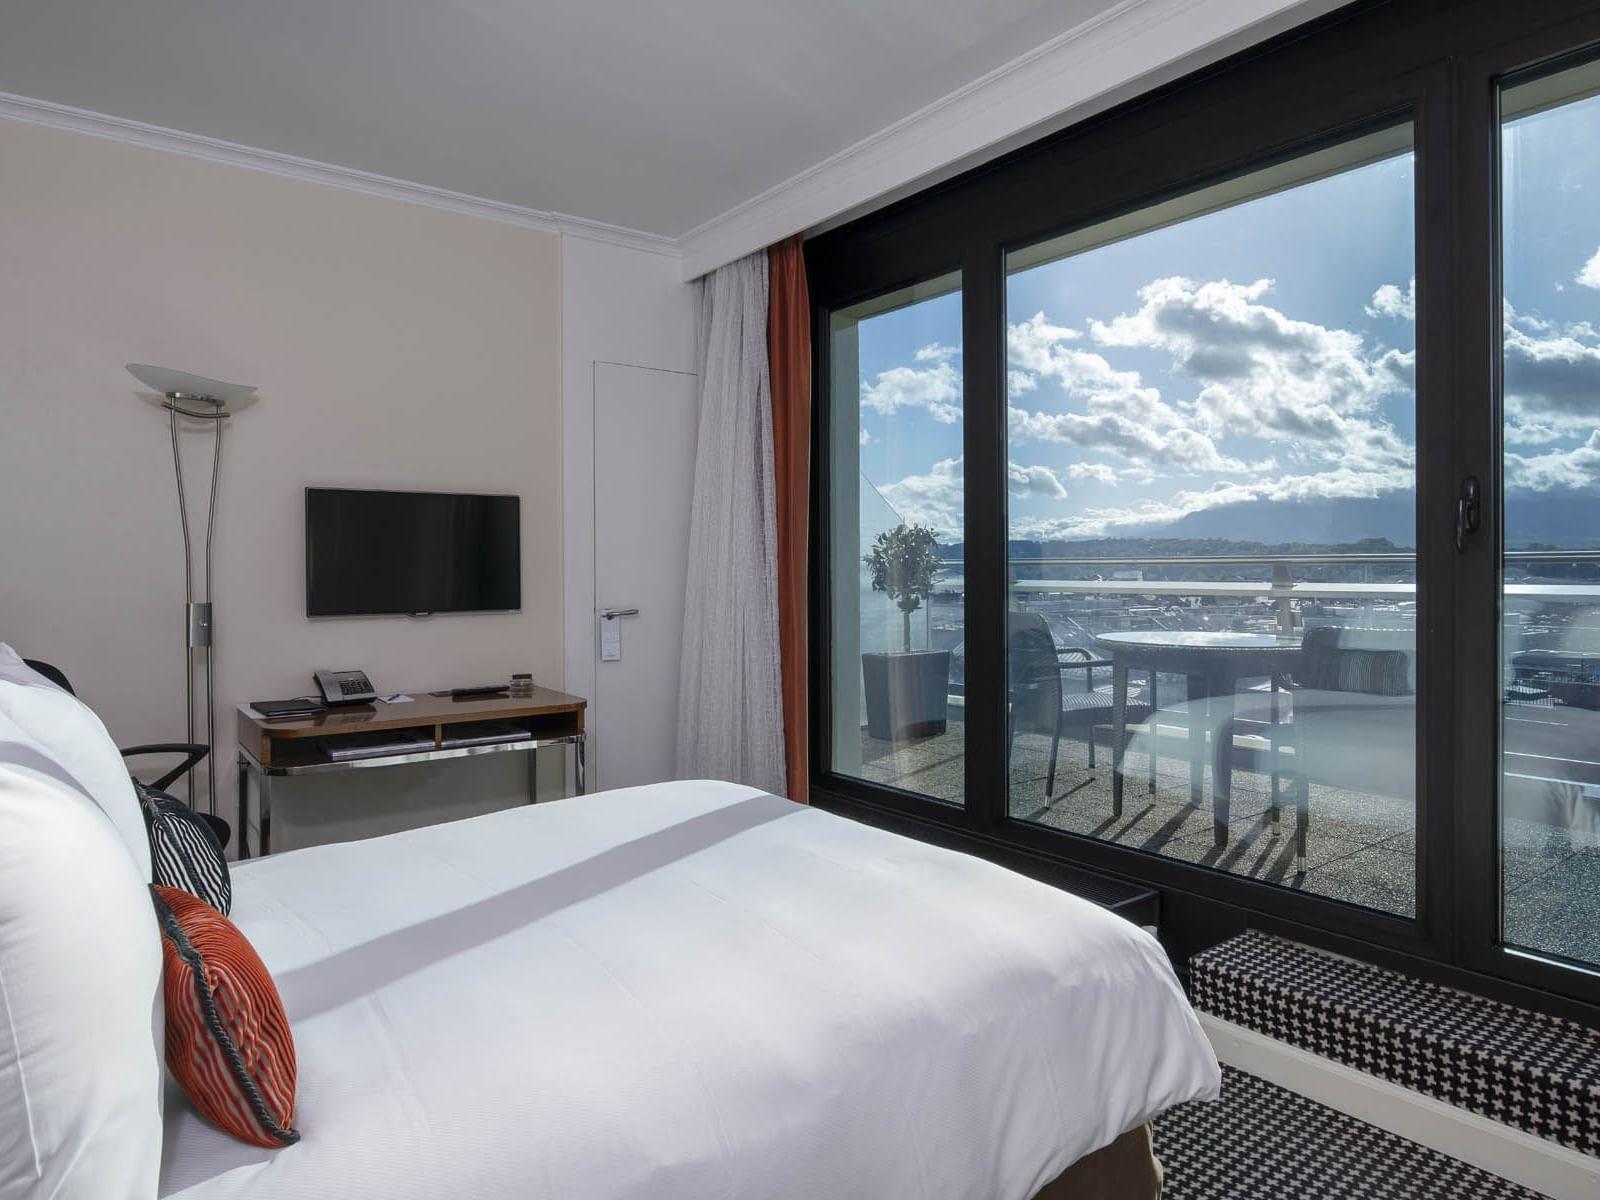 Penthouse Terrace Room